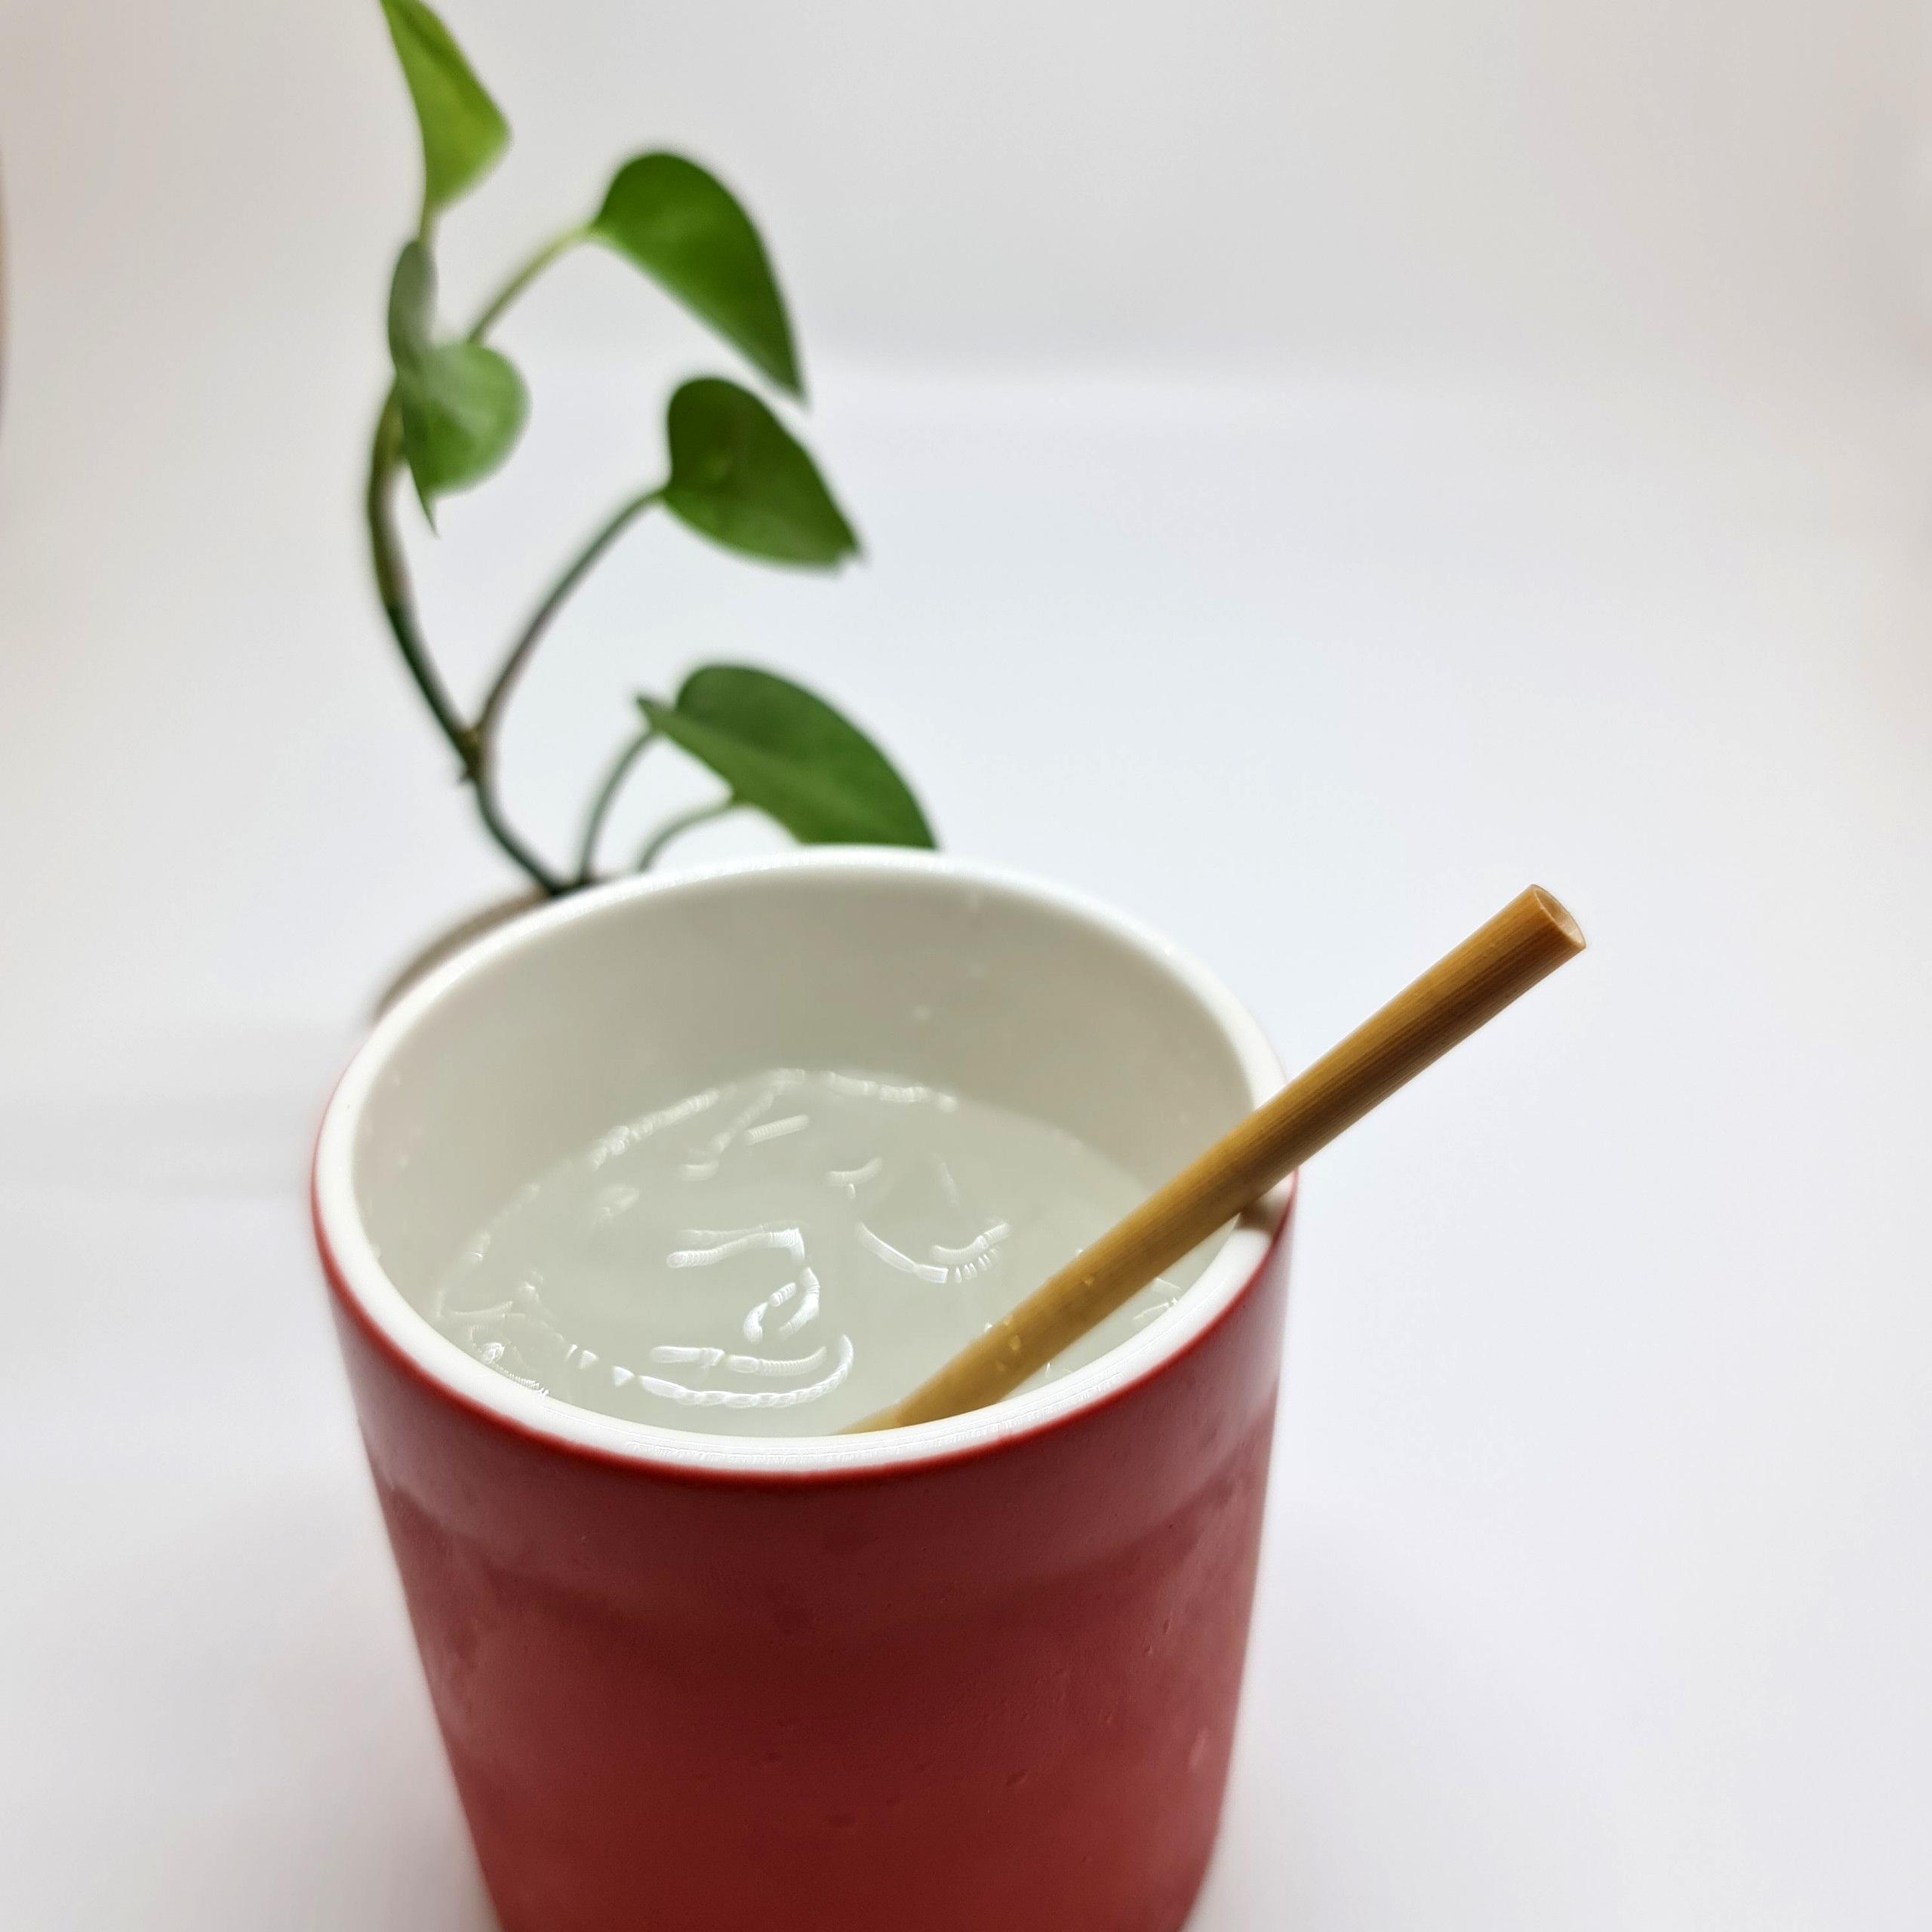 100 Ống Hút Cỏ (Grass Straws) Dài 15 cm - Không Tan, Biến Dạng Trong Nước - Dùng Được Cho Tất Cả Các Loại Thức Uống